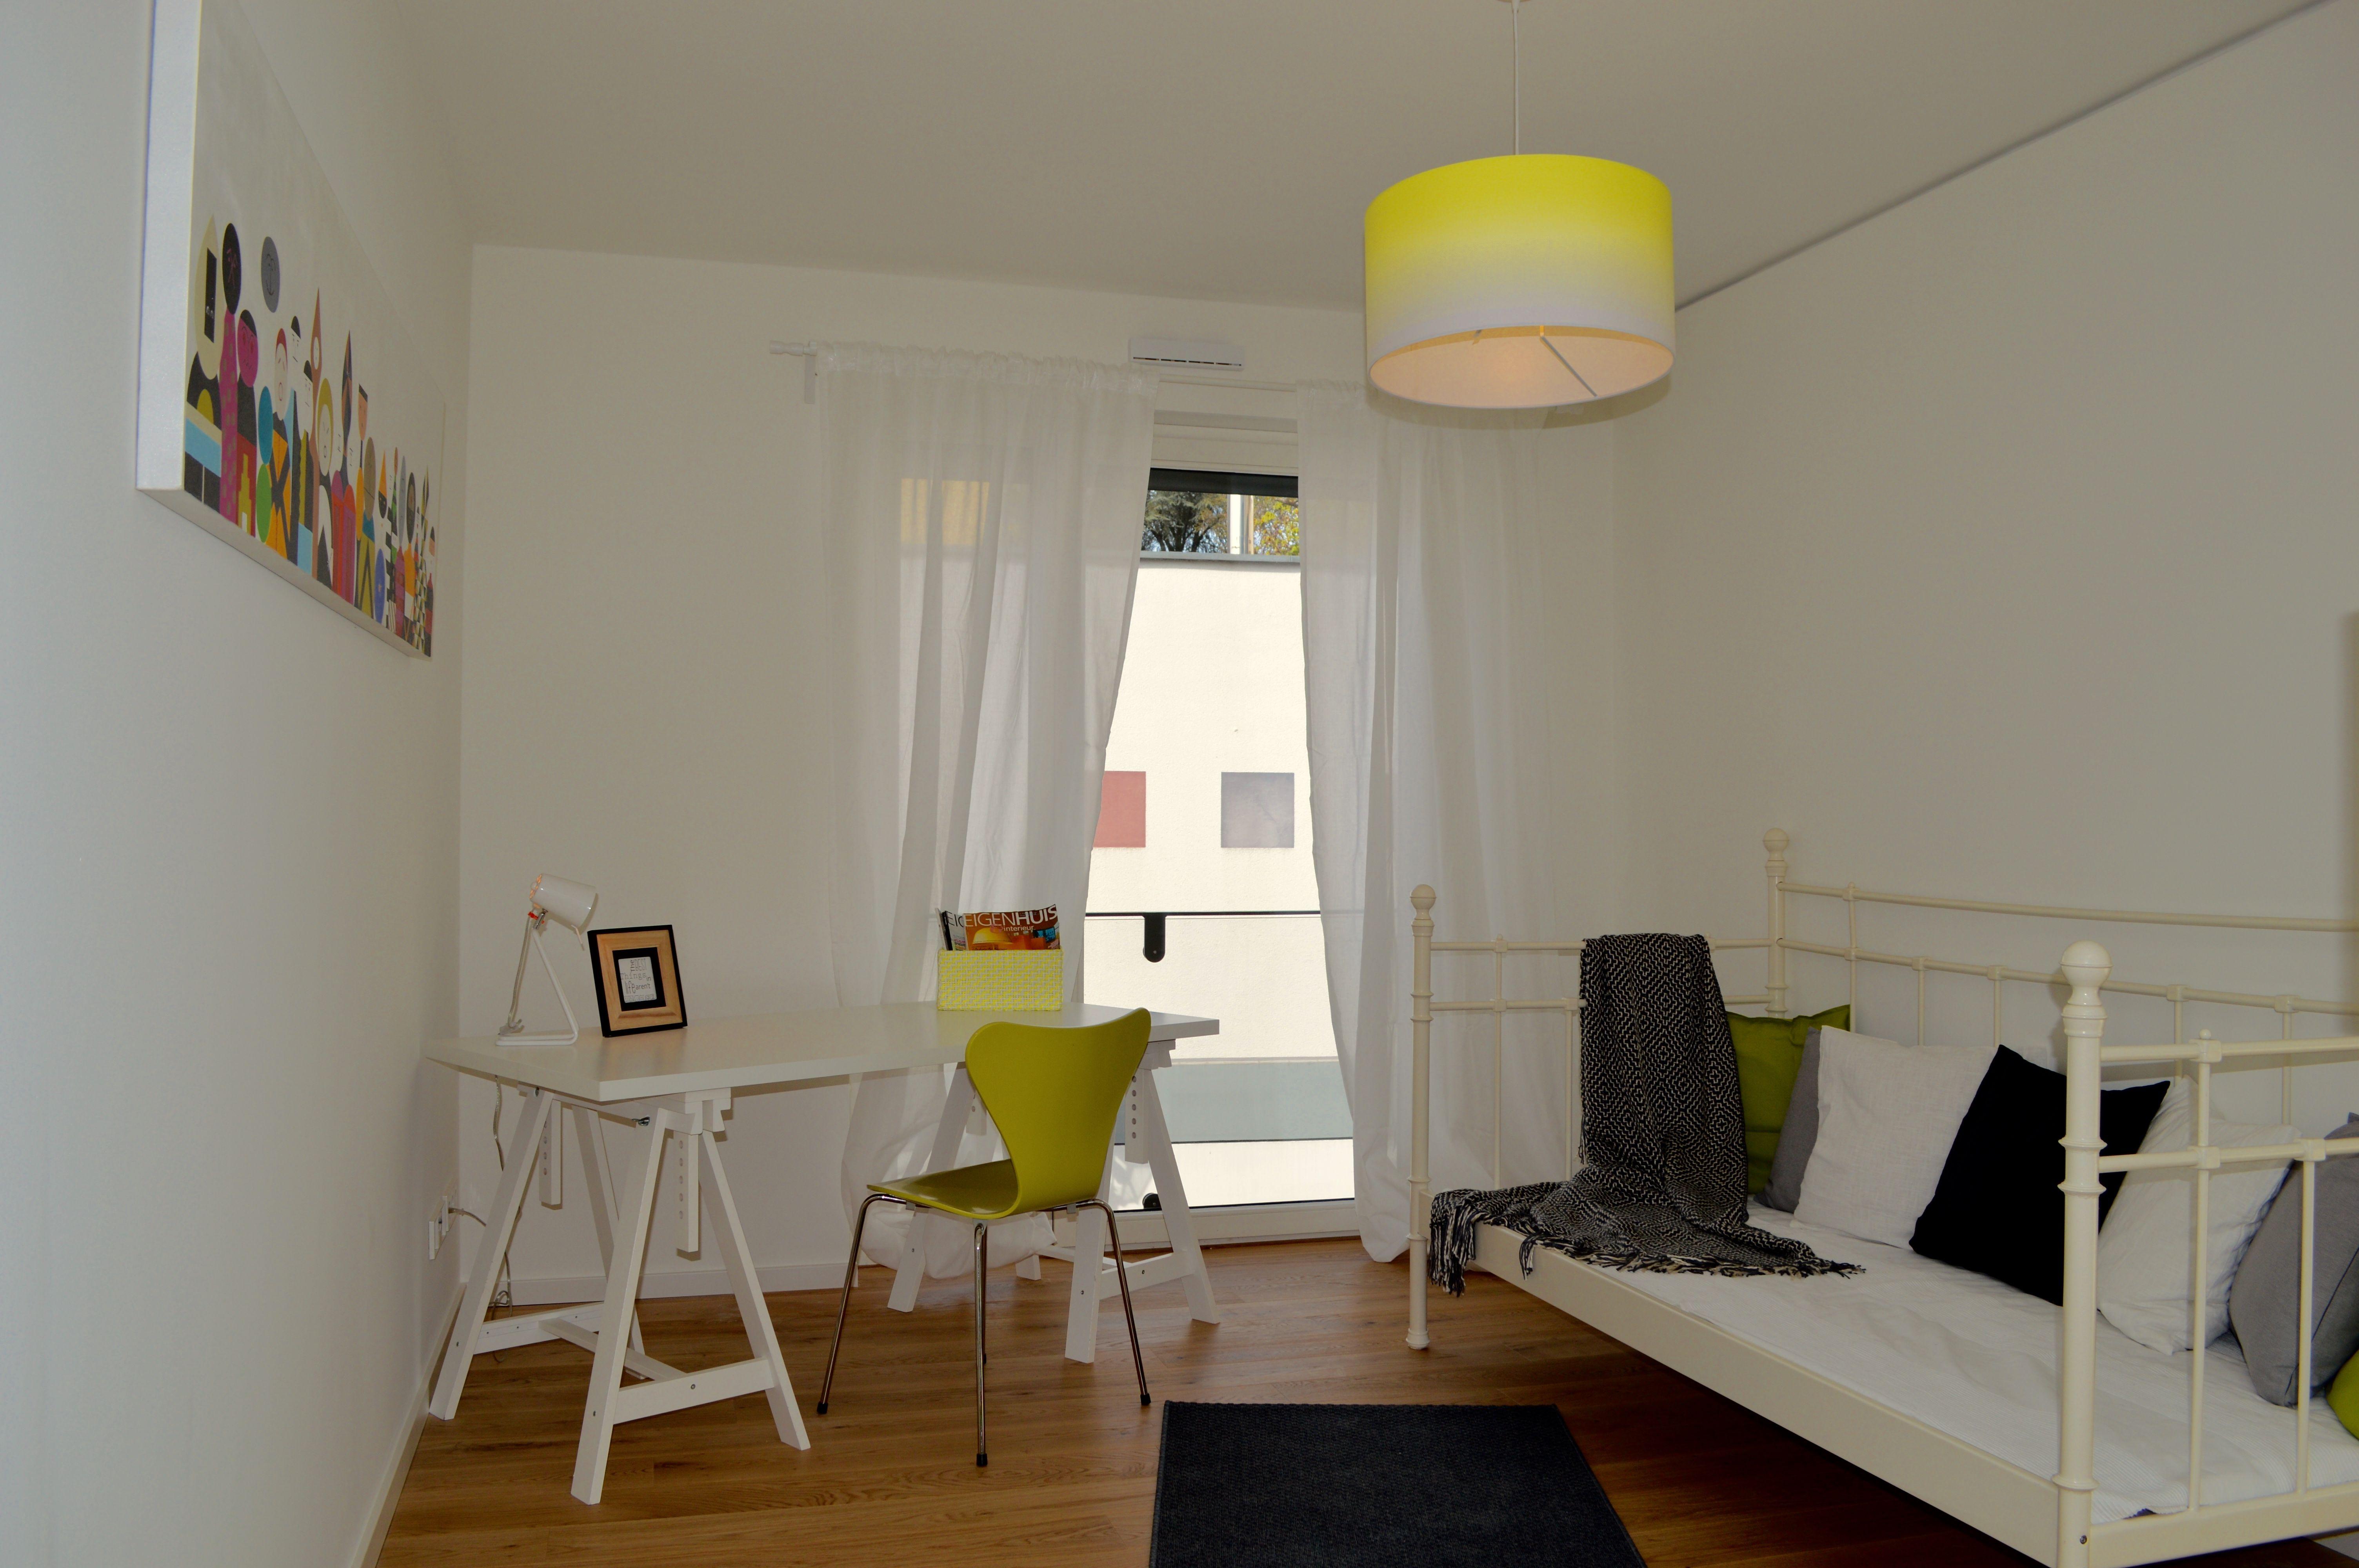 Malerisch Homestaging München Referenz Von Kinderzimmer